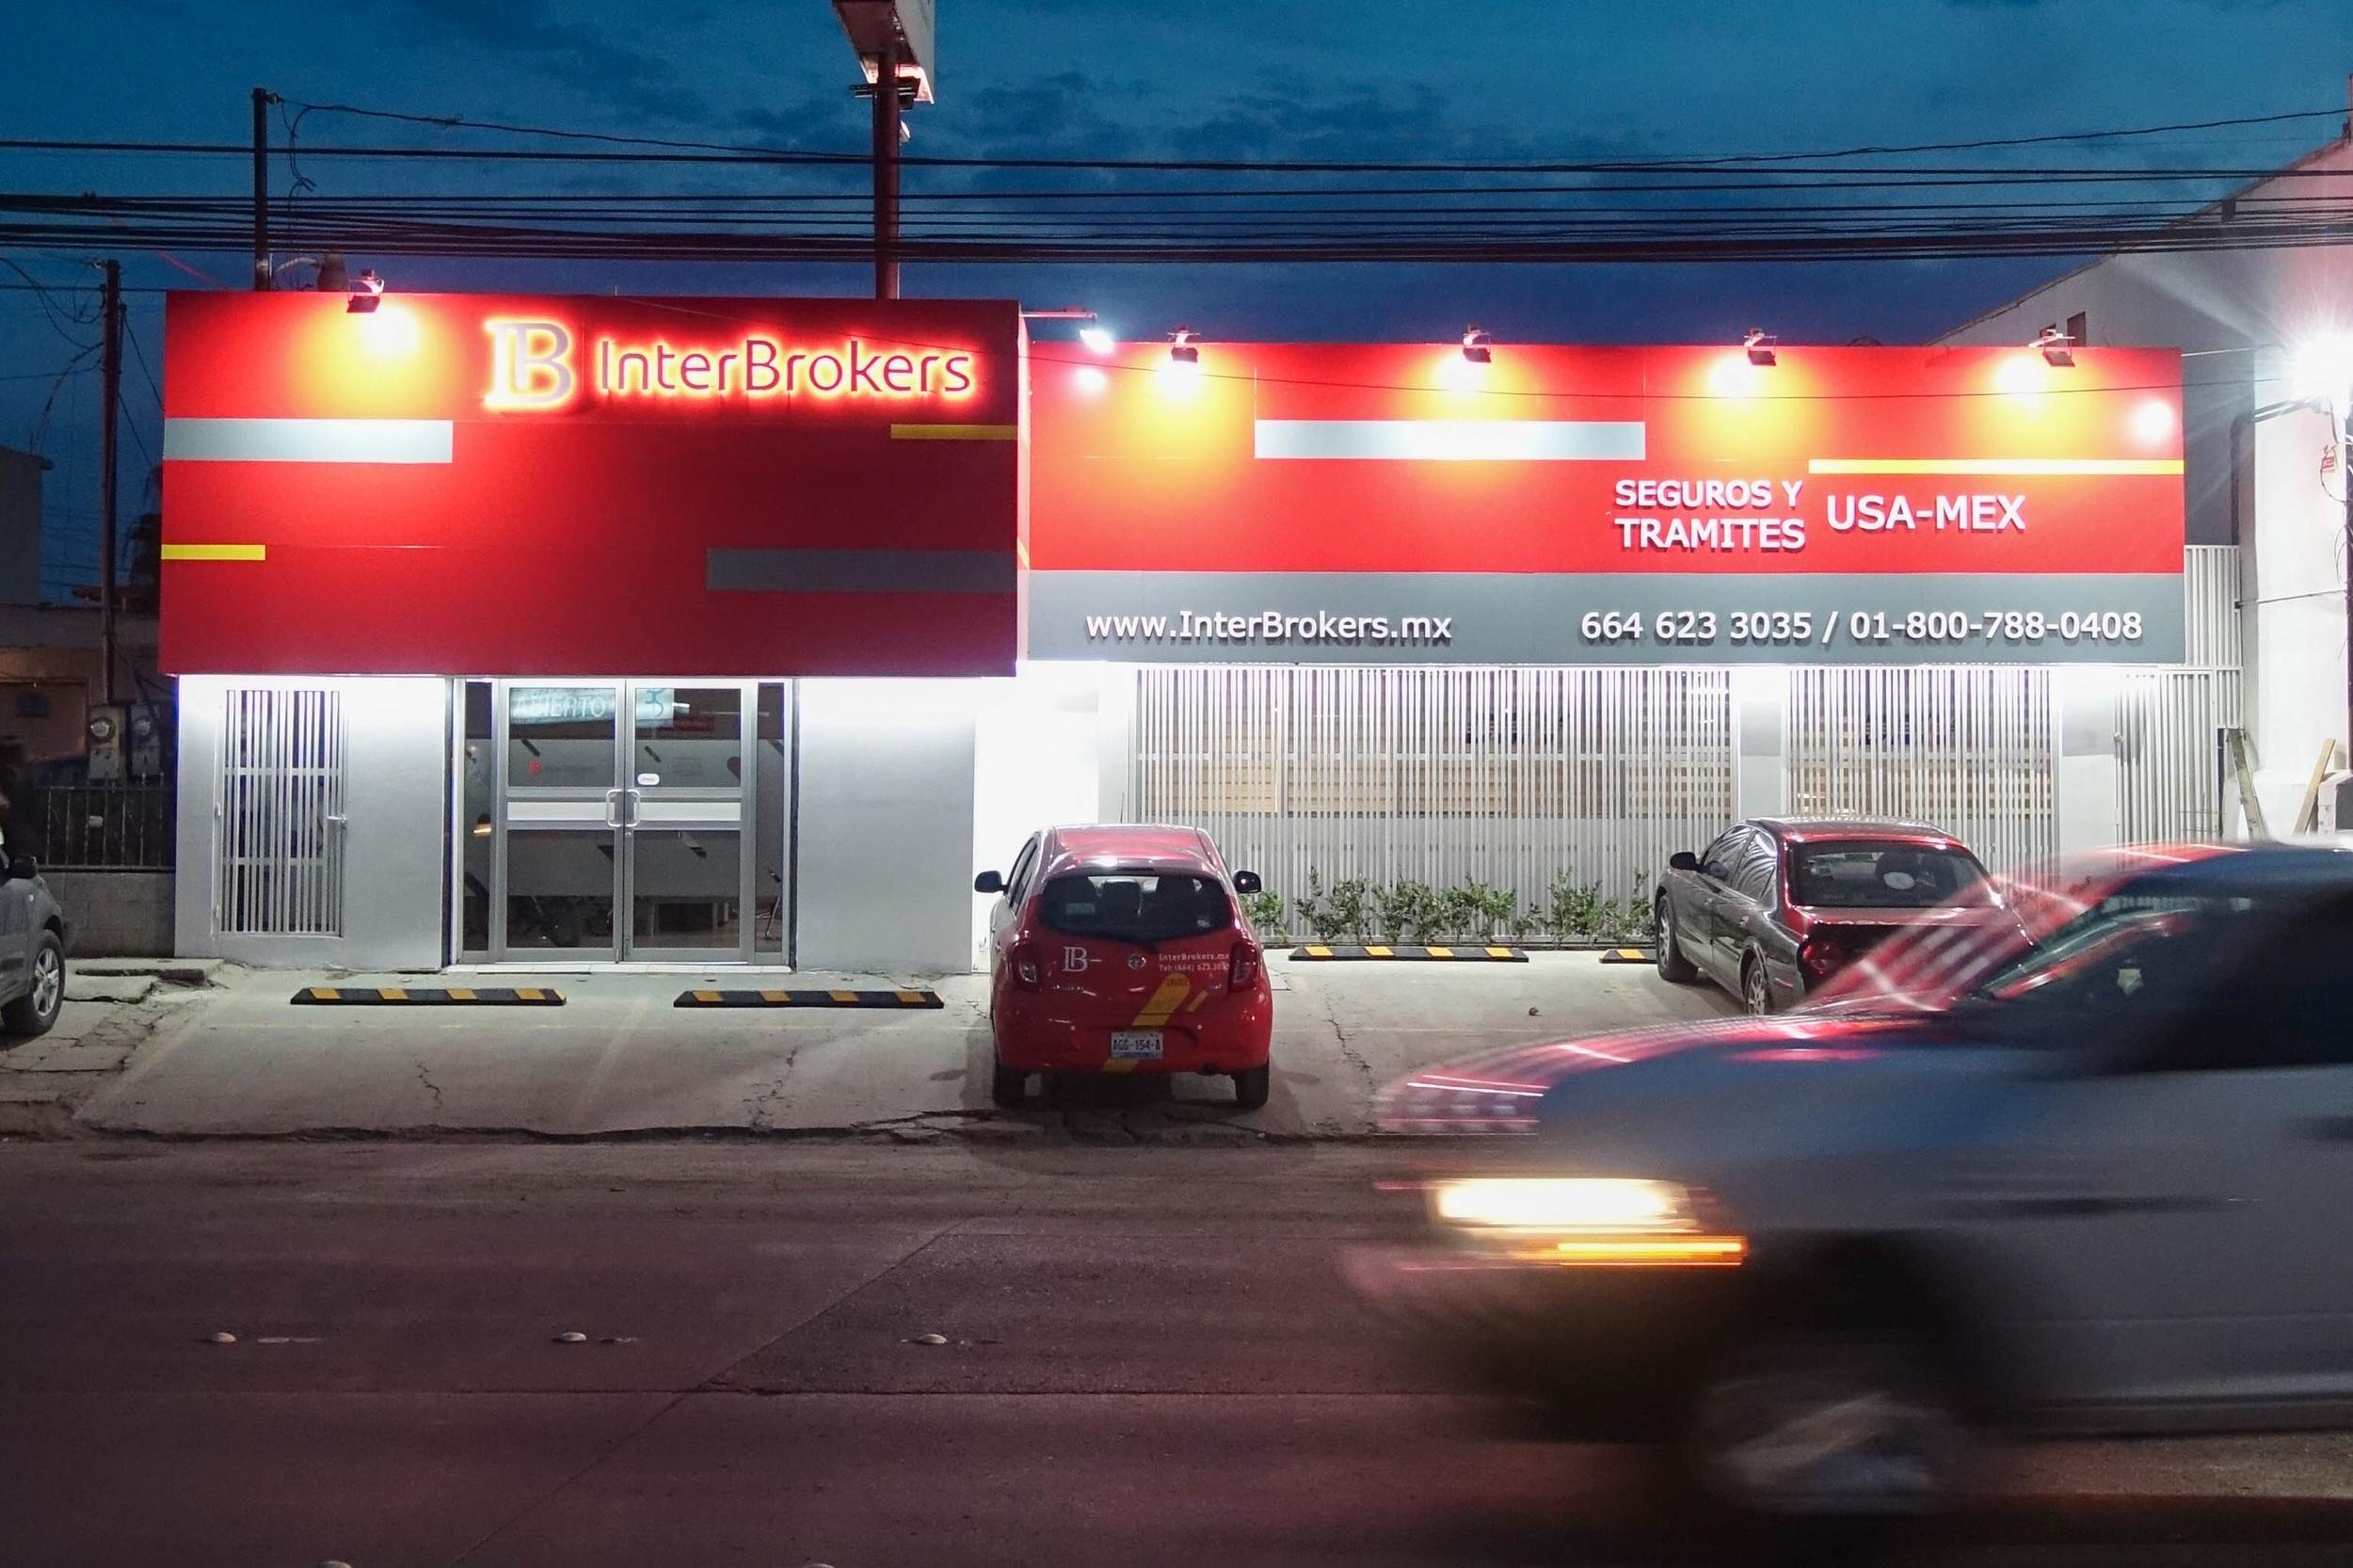 Interbrokers Seguros y Trámites - Local Comercial